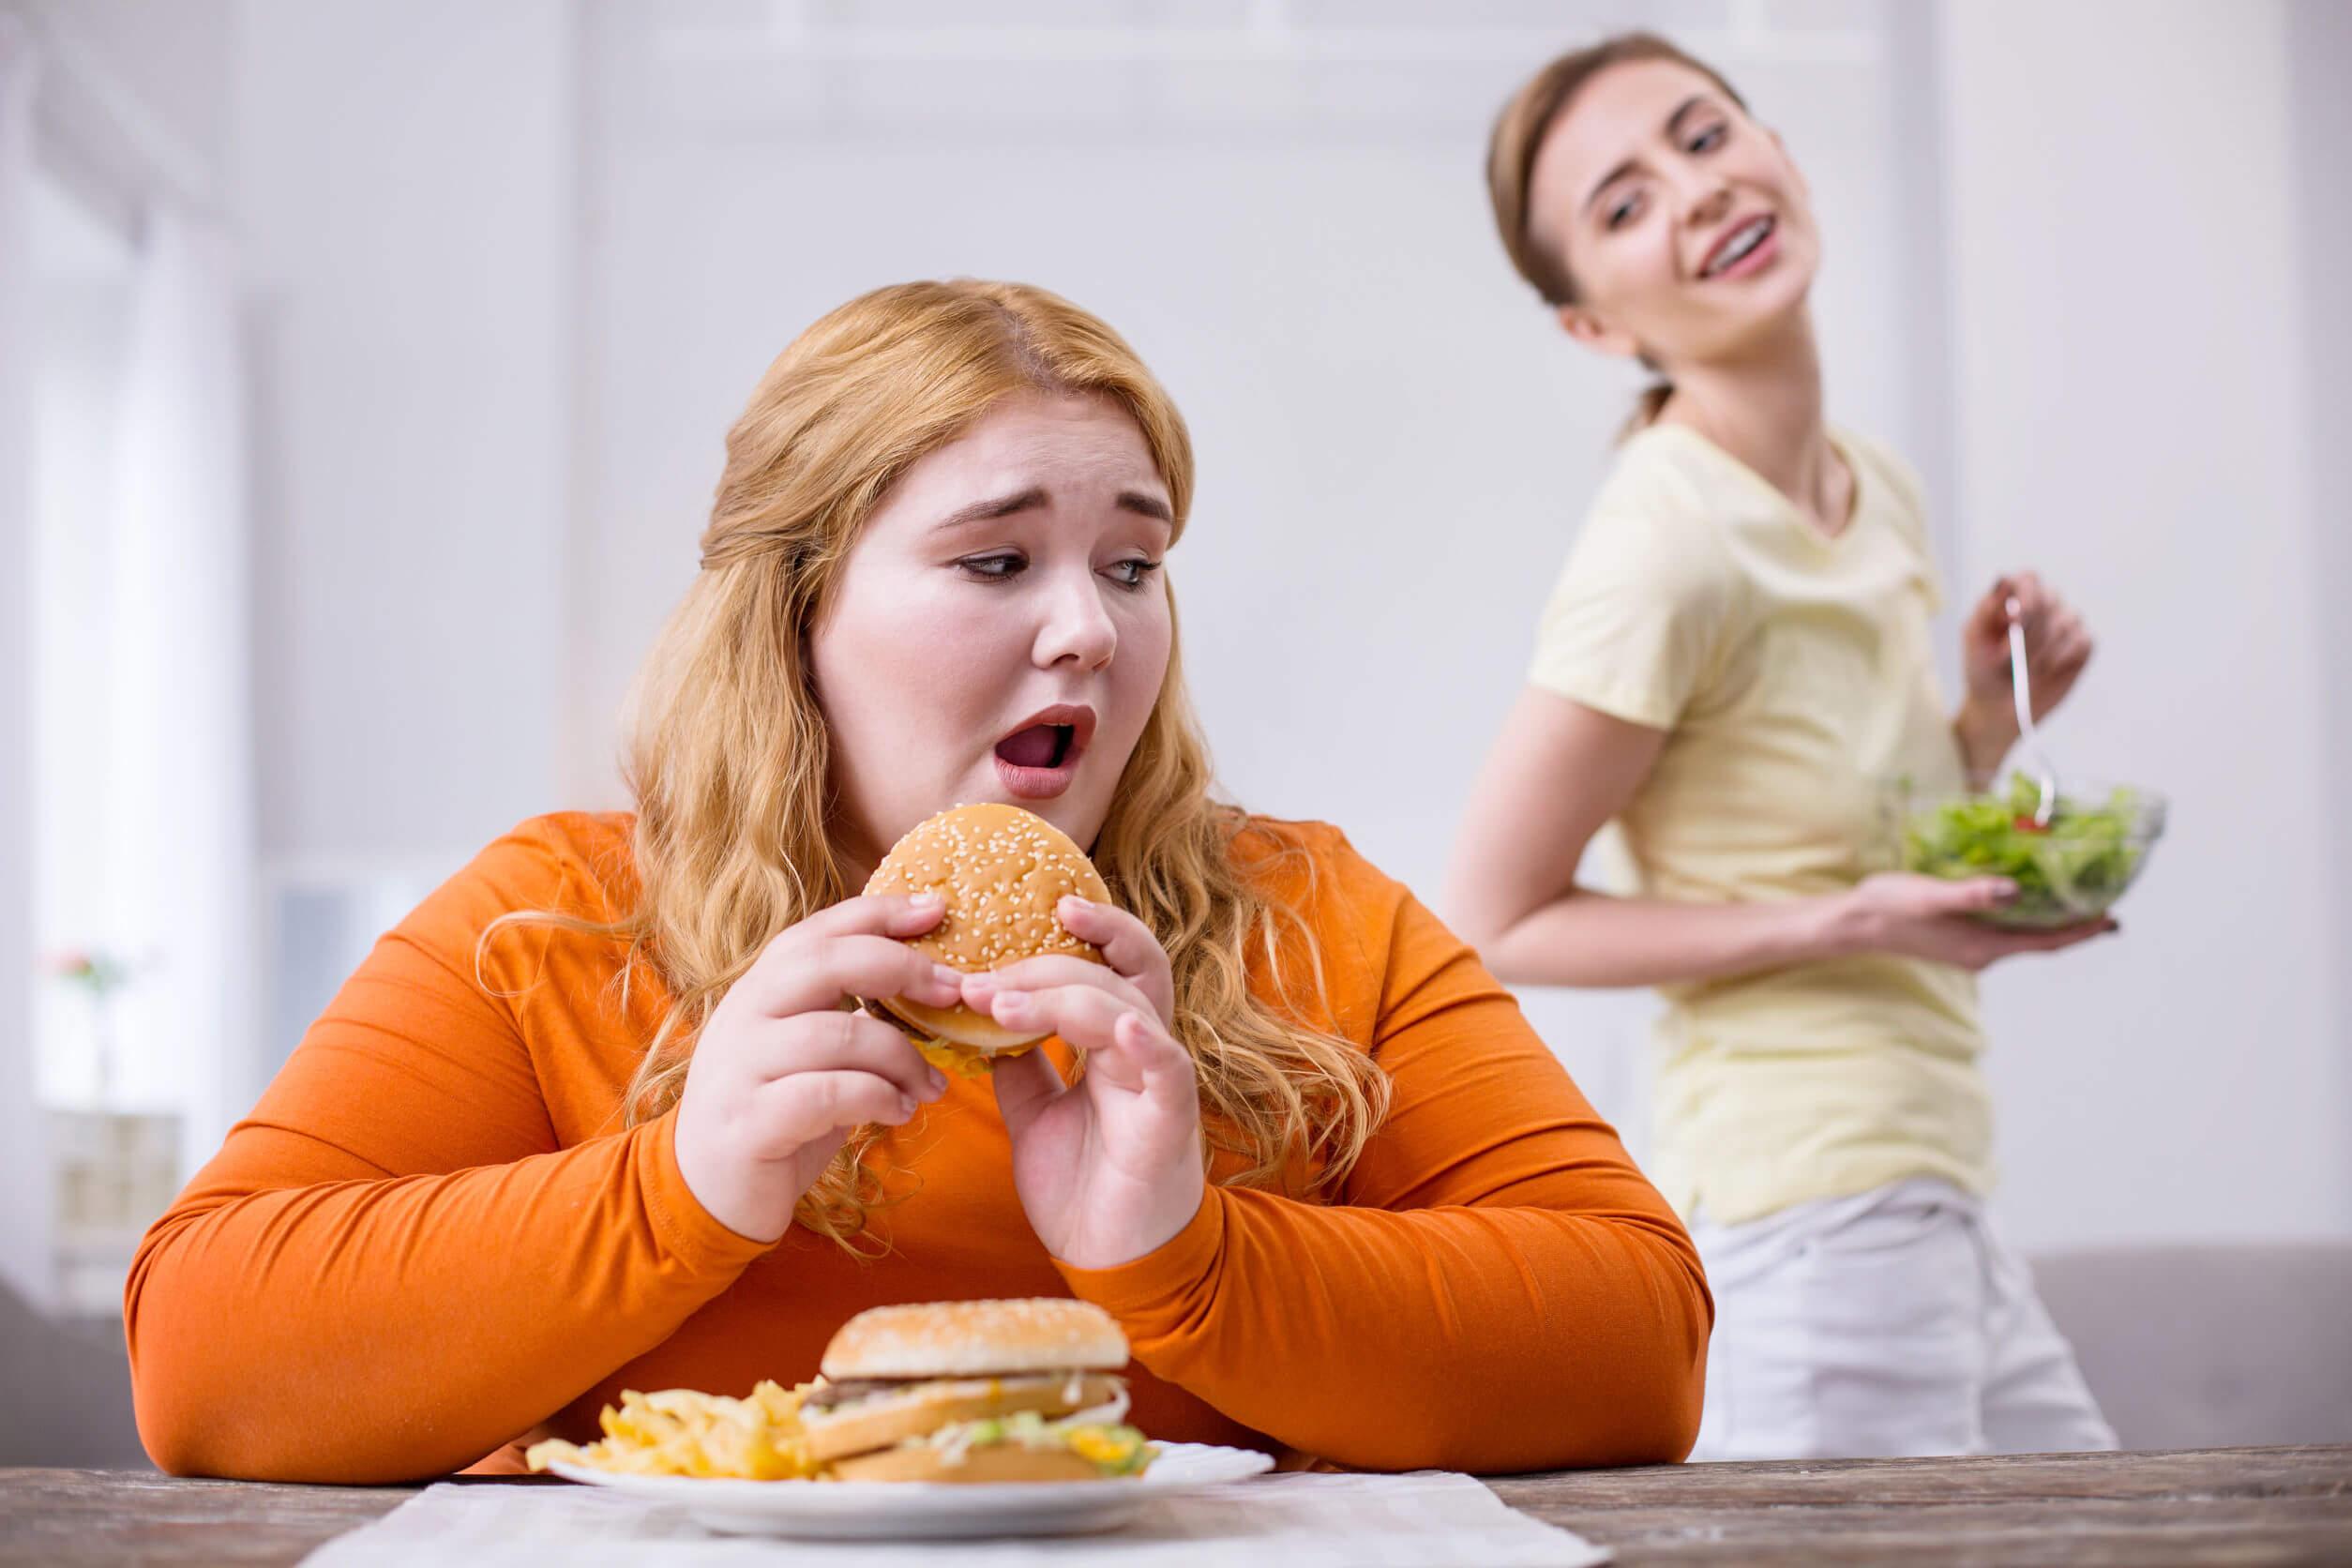 La comida chatarra puede favorecer el aumento de peso.